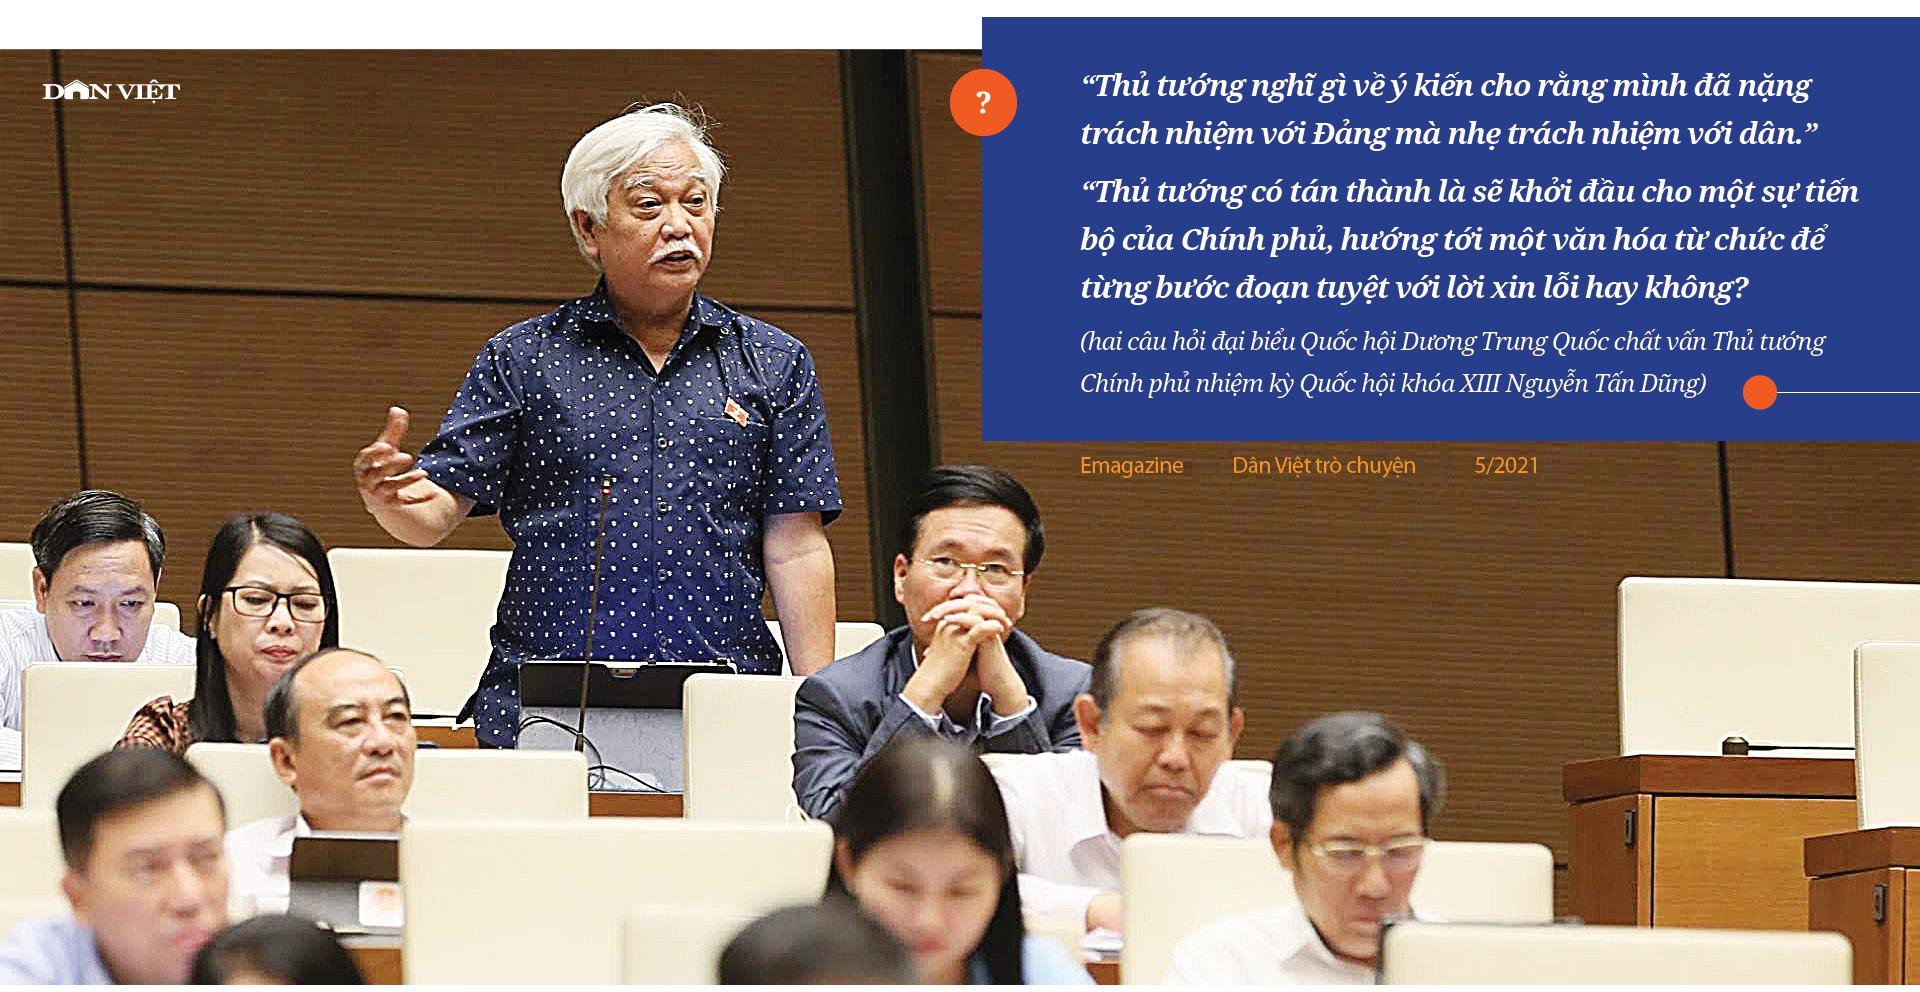 Ông Dương Trung Quốc chia sẻ những chuyện ít người biết sau 20 năm gắn bó nghị trường - Ảnh 9.